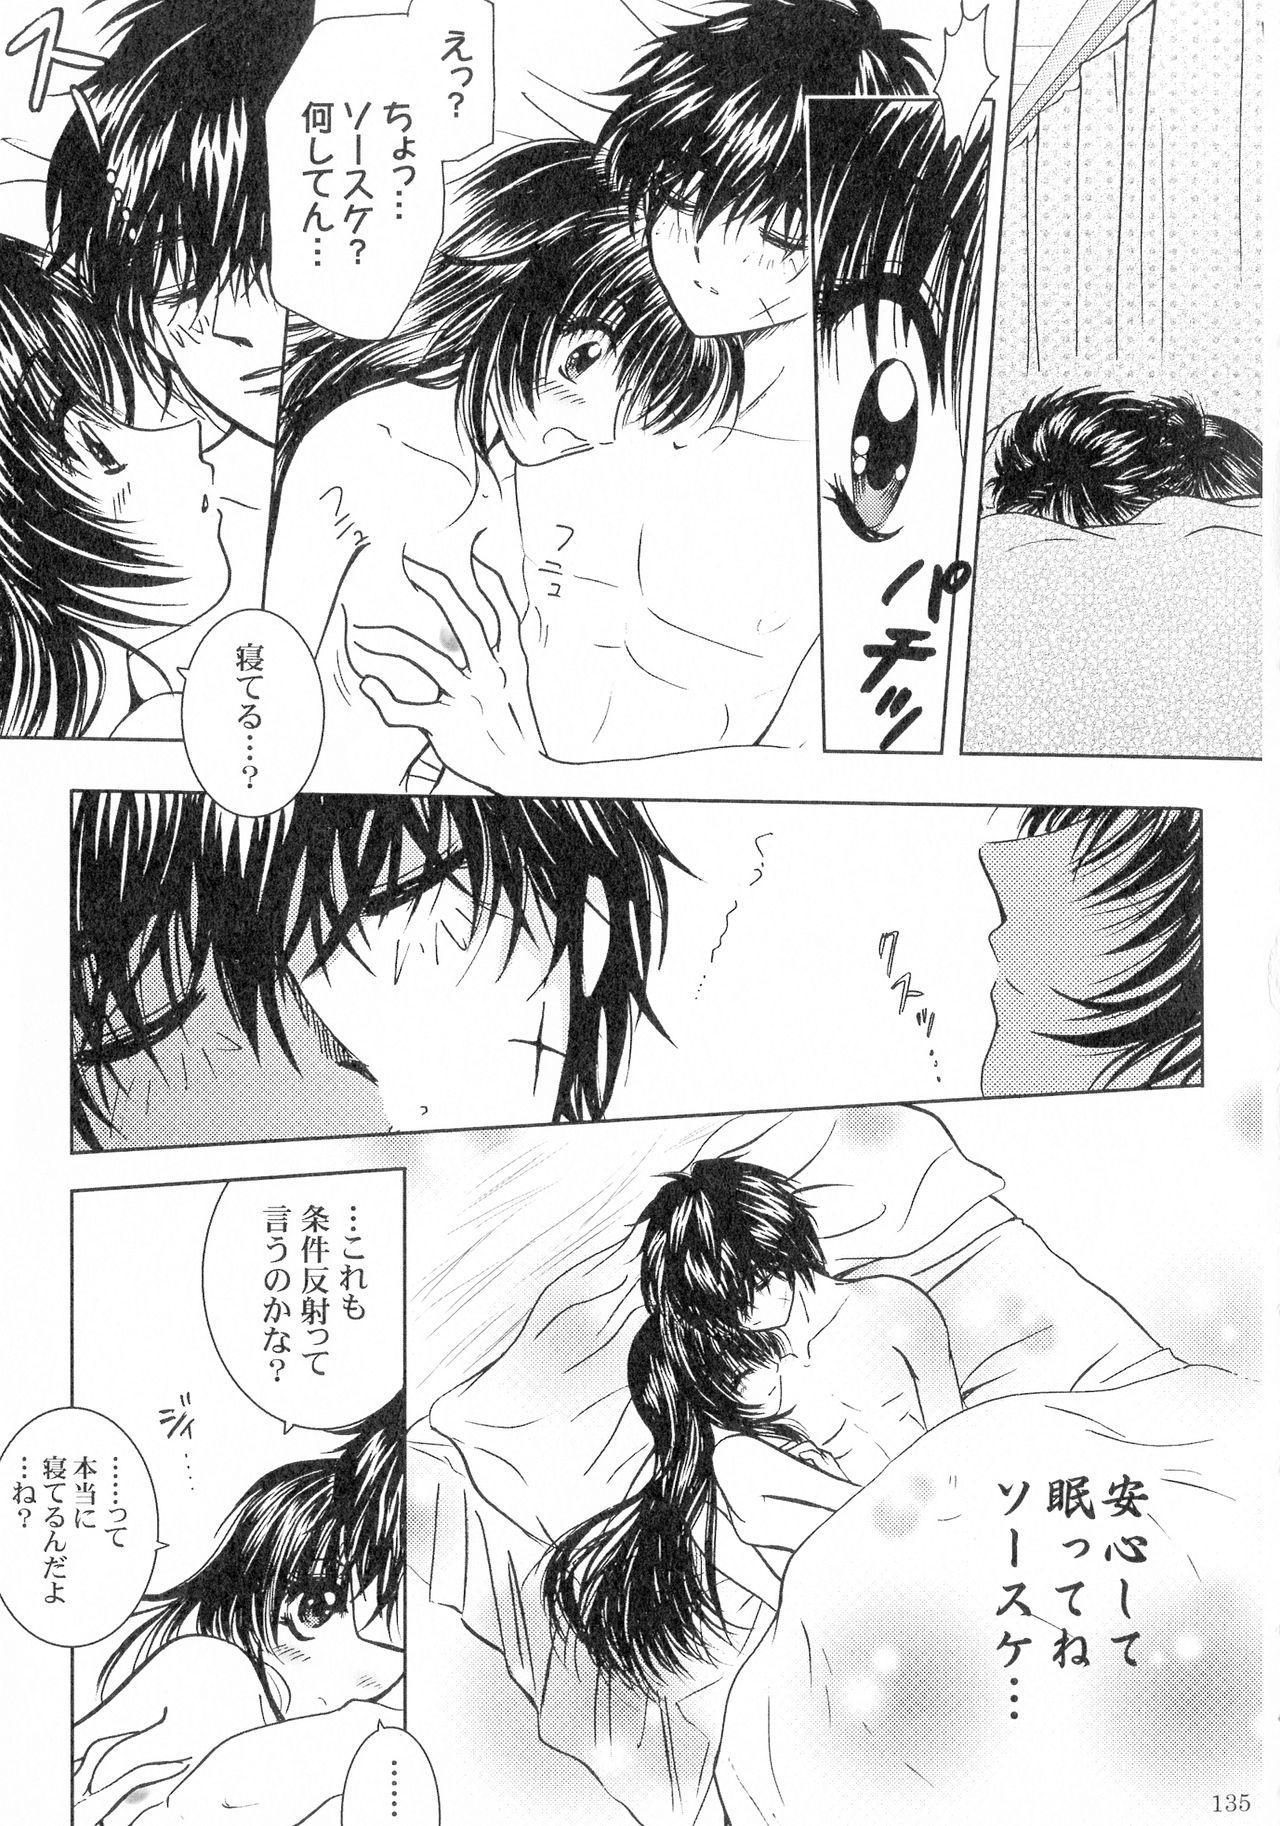 SEXY PANIC Sairoku-shuu VOL.3 133